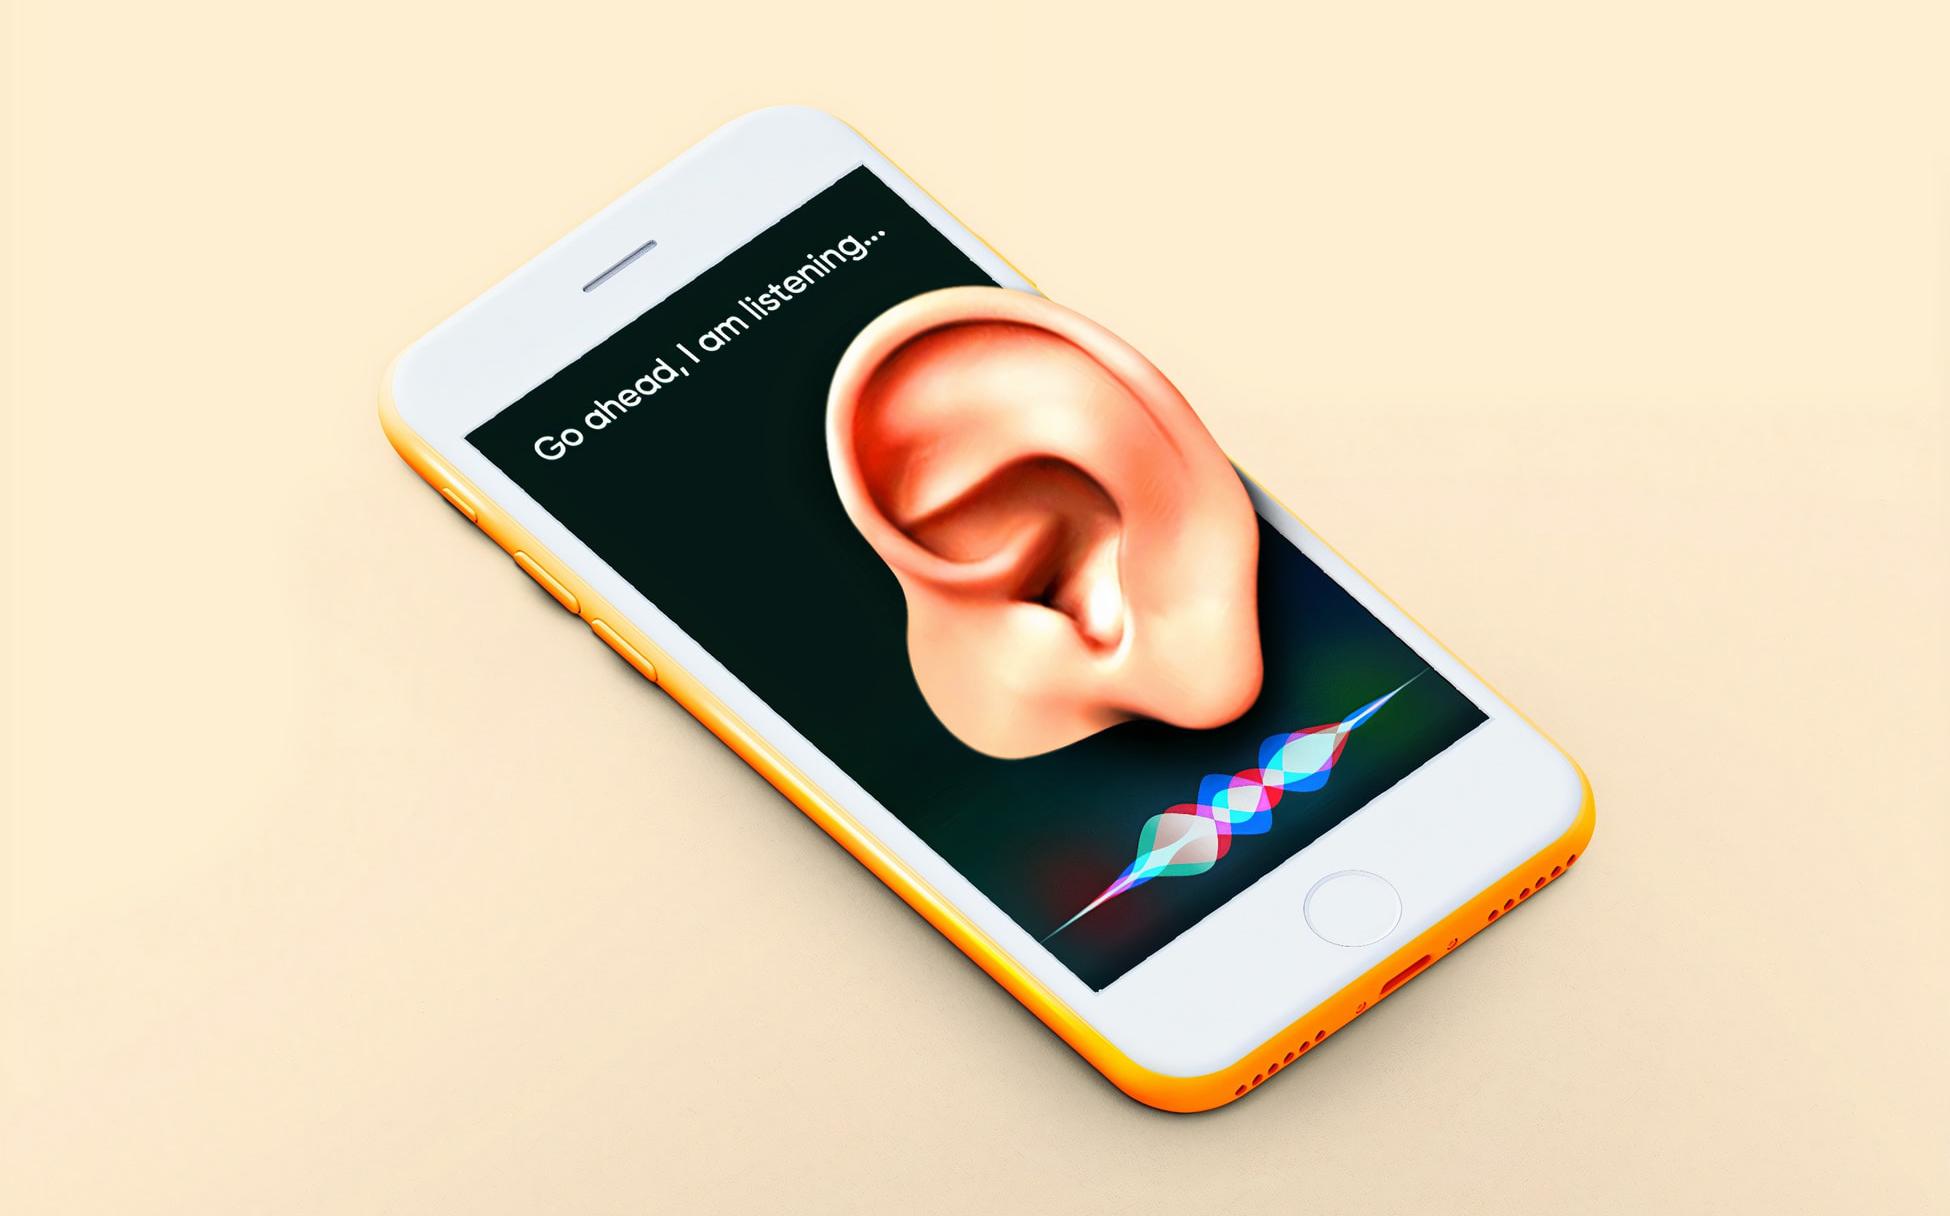 苹果回应小i机器人索赔称未侵犯对方技术 Siri不包含其专利特征